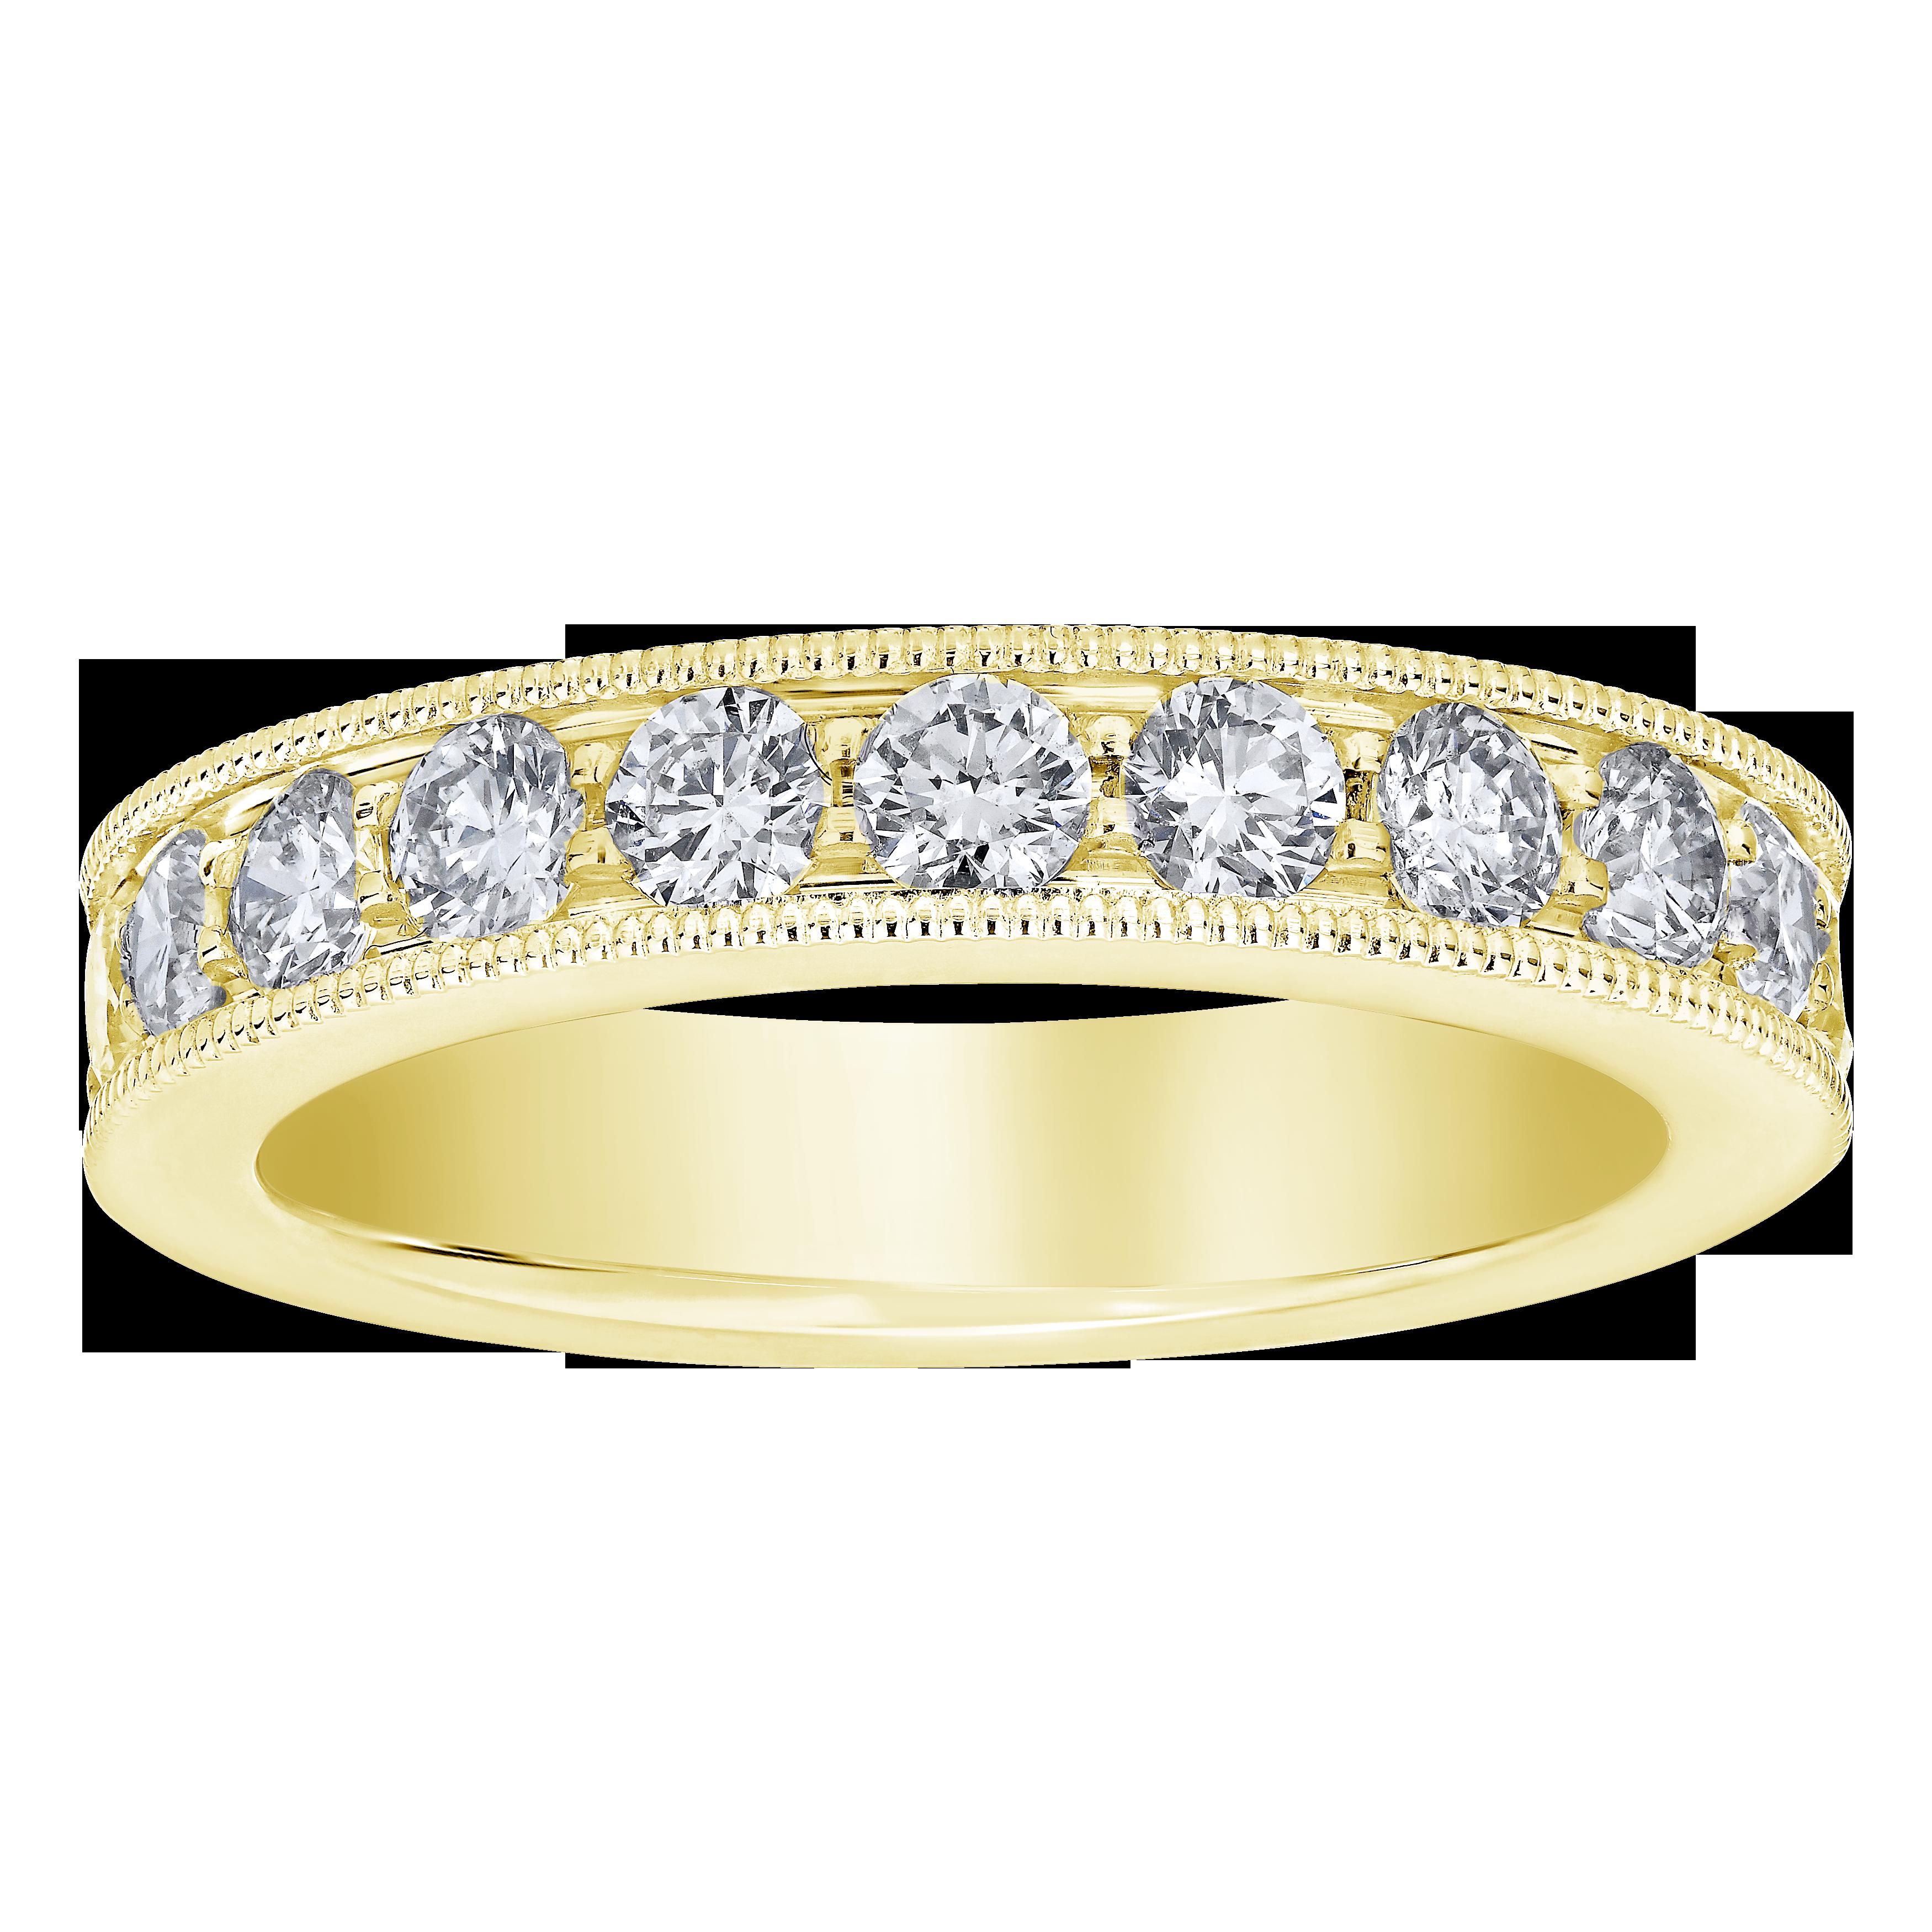 https://www.amidonjewelers.com/upload/product/242601DU2_8b3bfa6d-7d61-4b95-adfd-7633ec9589a7.png